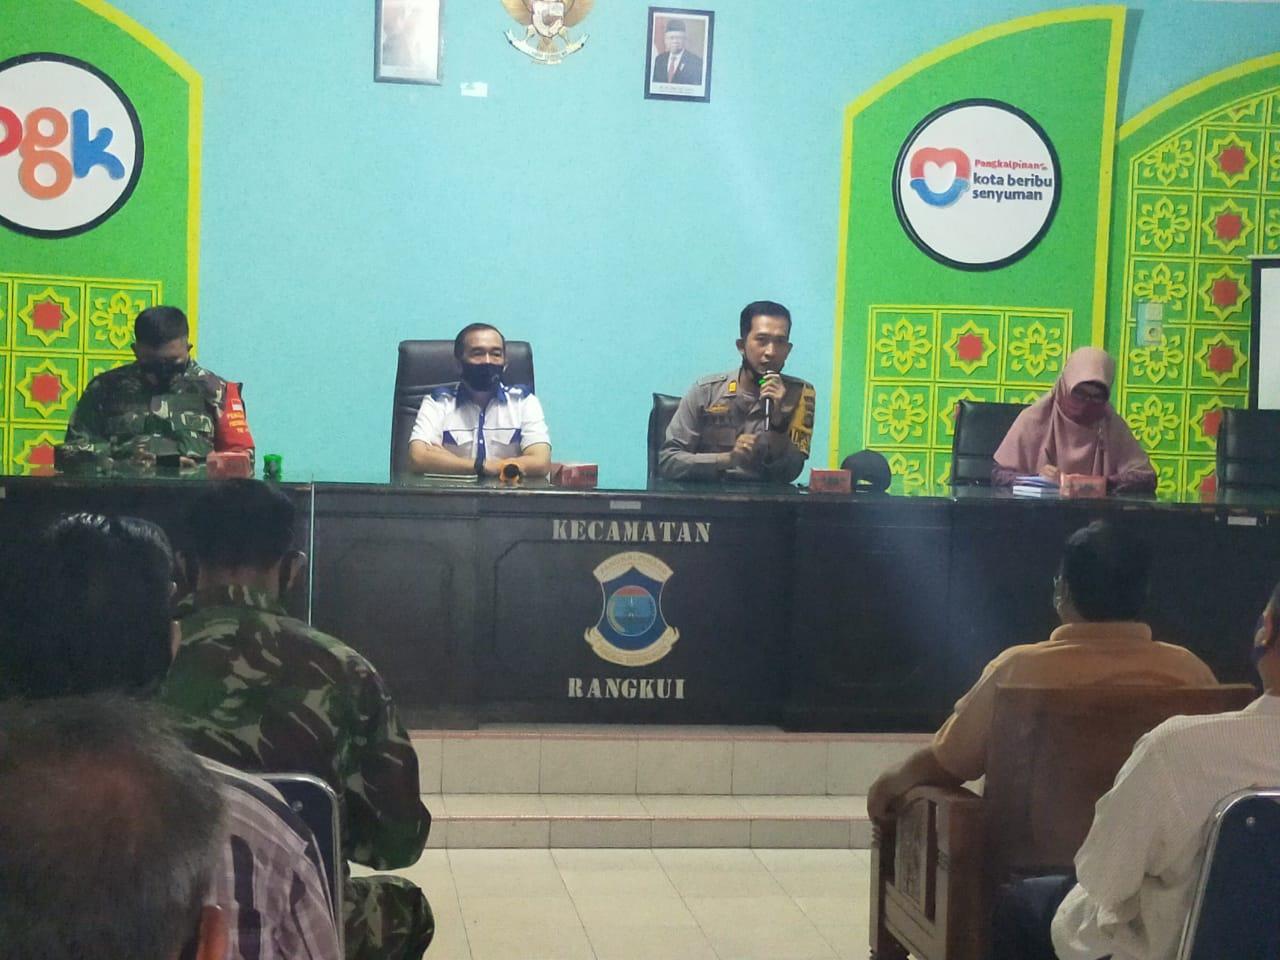 Antisipasi Penyebaran Covid -19 Polsek Bukit Intan Rapat Bersama Forkopimcam Kecamatan Rangkui